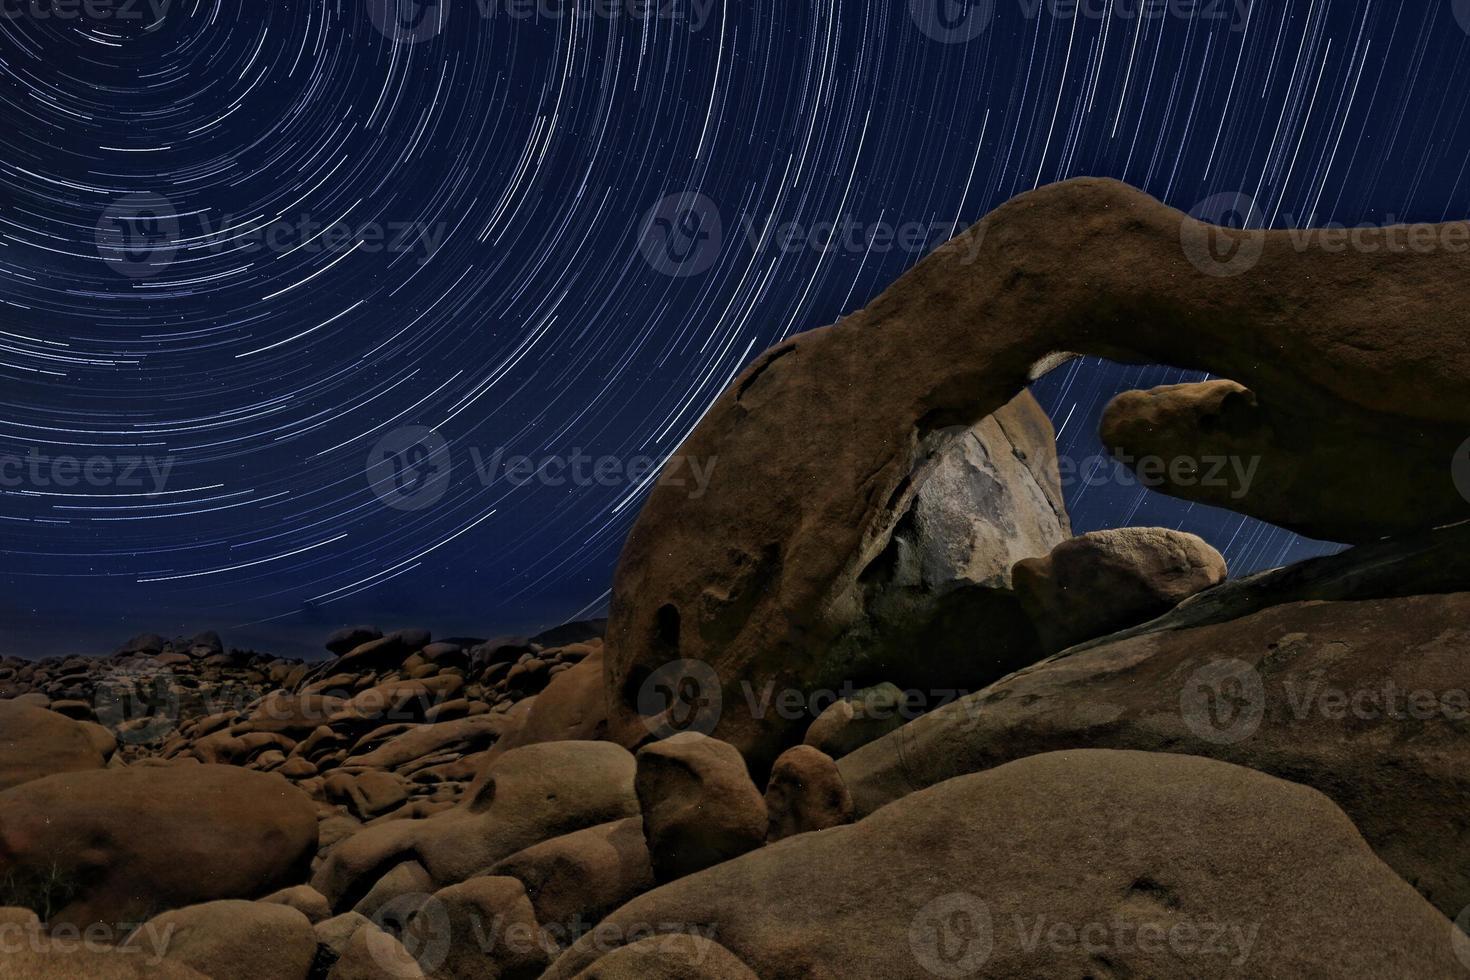 El sendero de la estrella de la noche atraviesa las rocas del parque Joshua Tree. foto